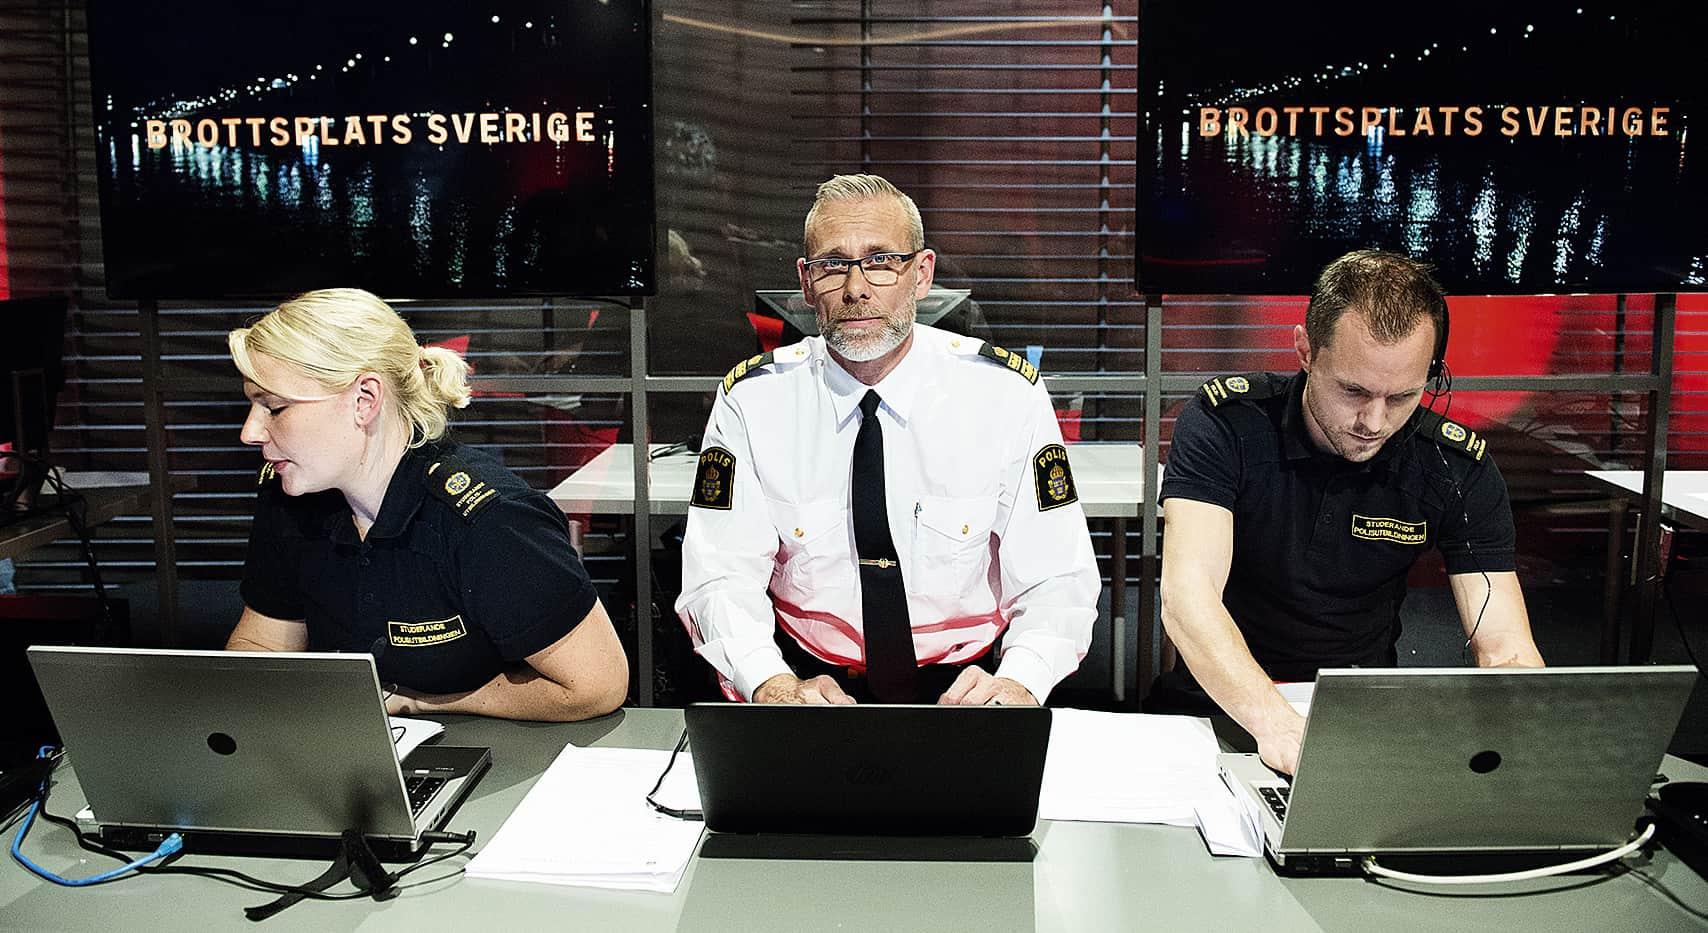 Enligt Björn Cewenhjelm är det viktigt att polisen är med i den här typen av program. Jag tror det ökar uppklkaringen och brottsoffrens möjlighet till upprättelse. Foto: Anna-Karin Nilsson